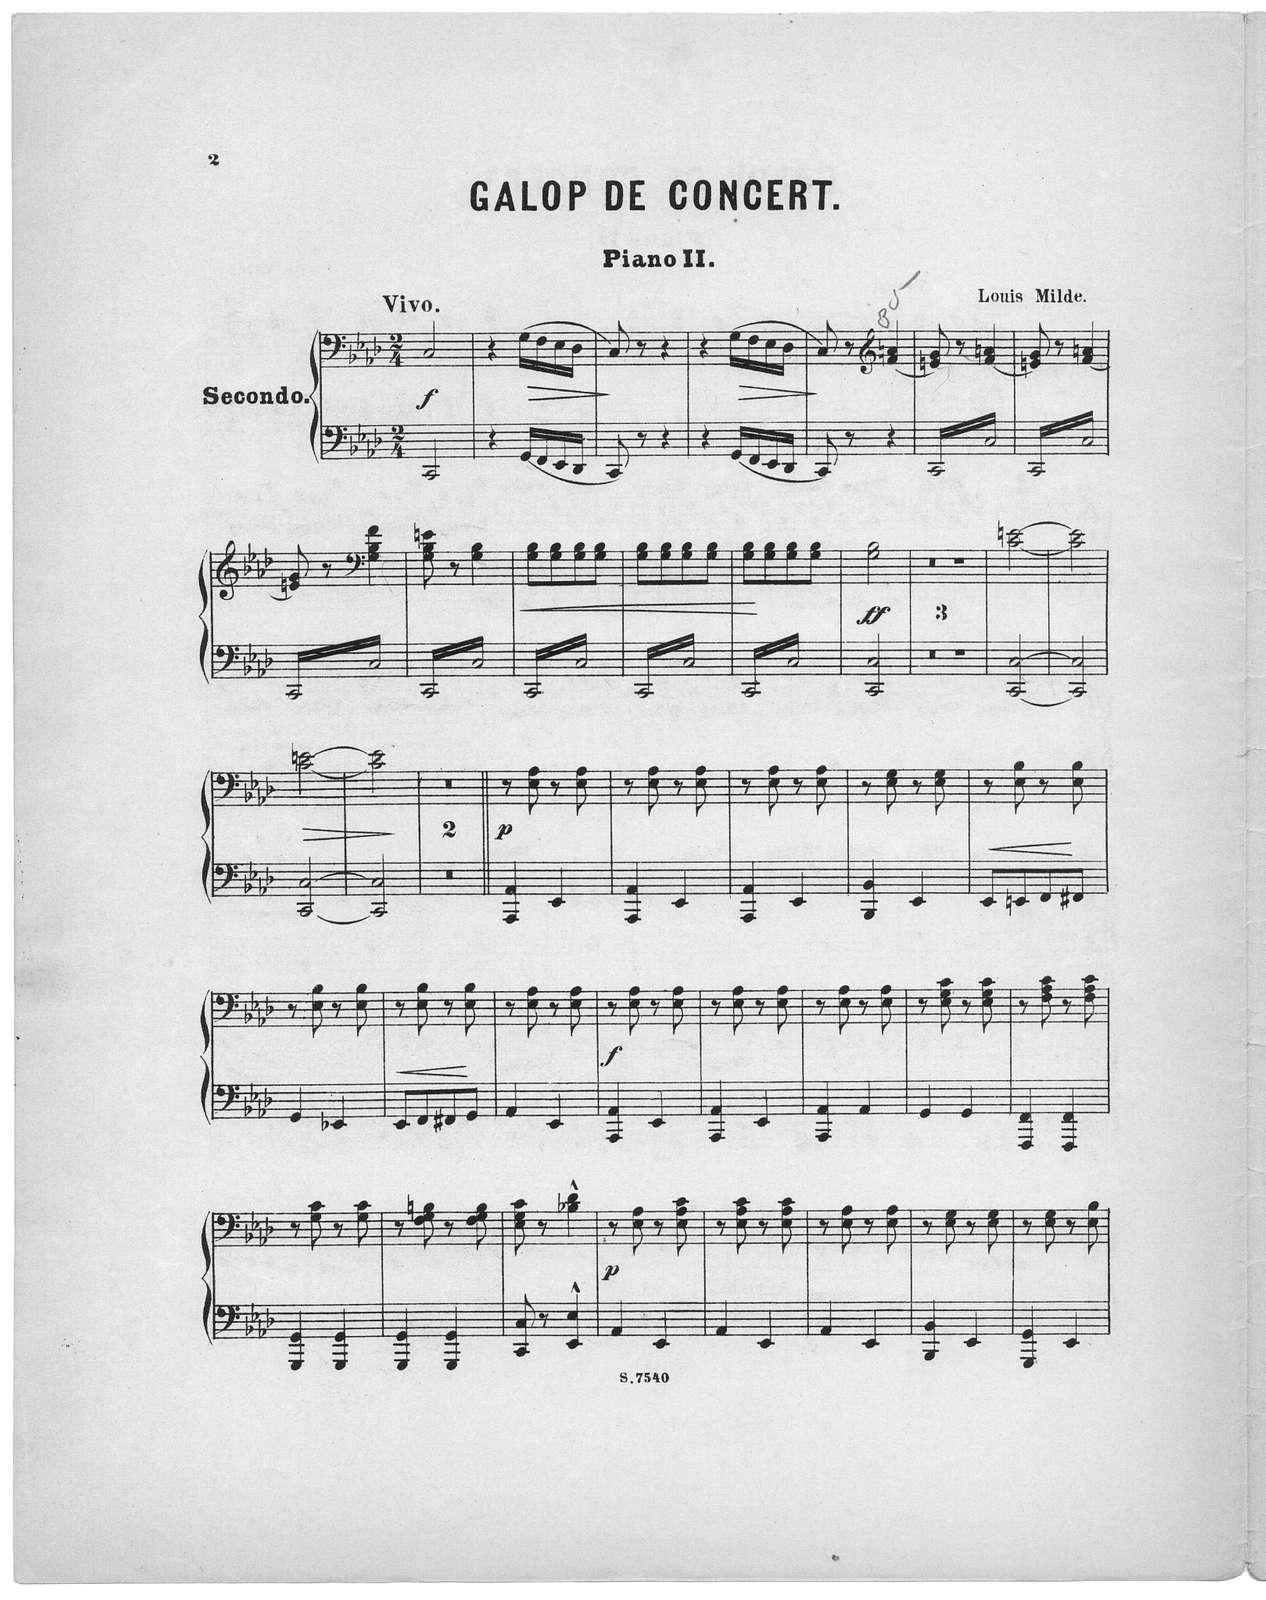 Galop de concert, op. 10